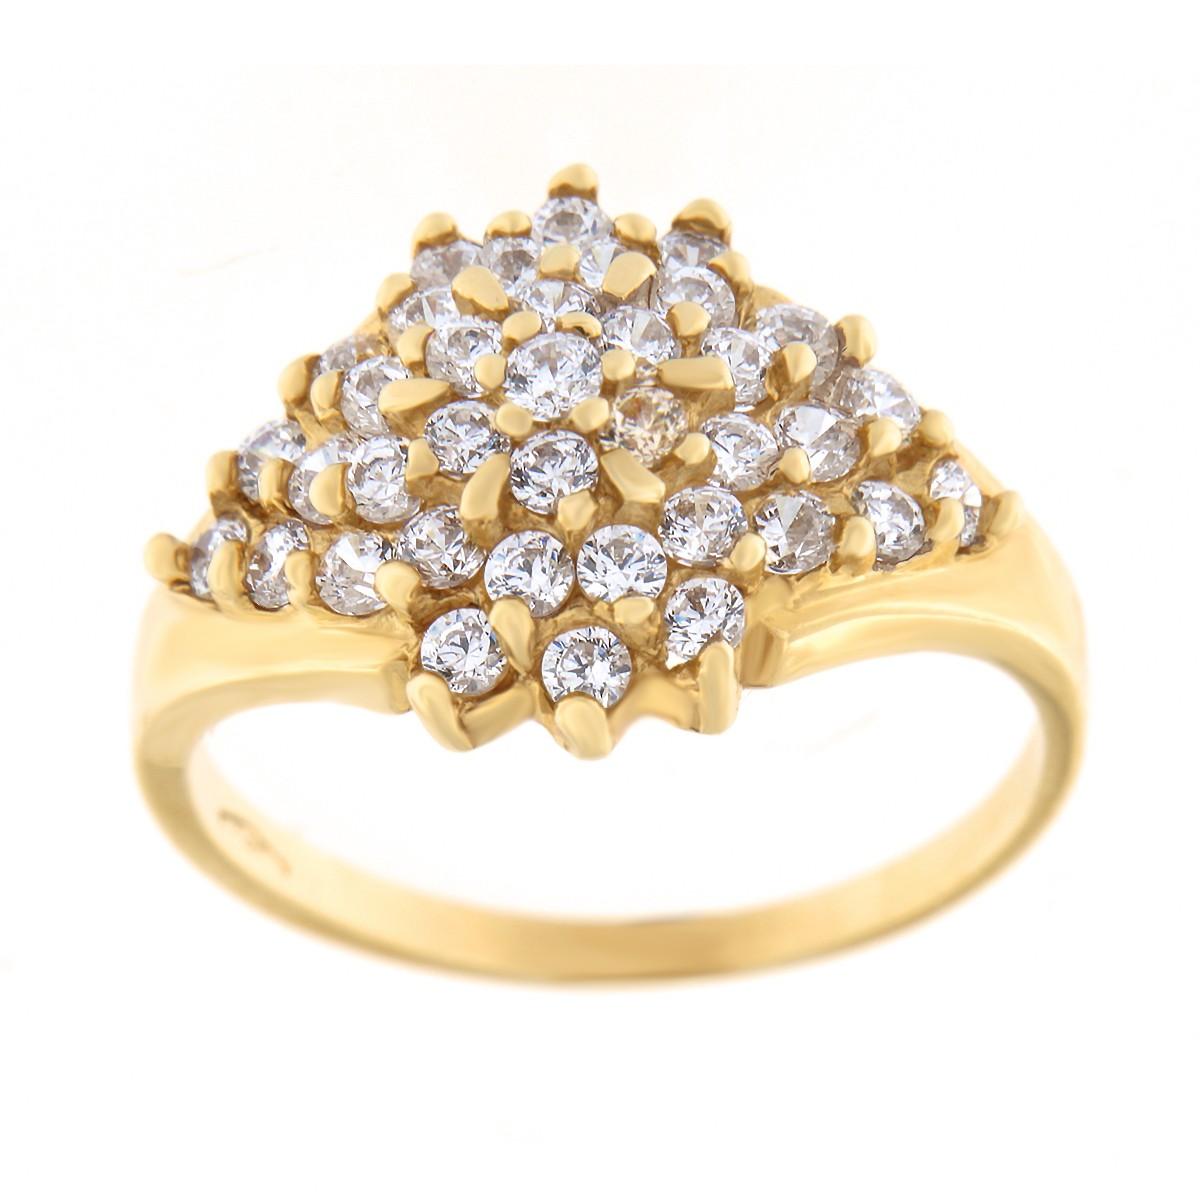 Kullast sõrmus tsirkoonidega Kood: 261pe, 95pt